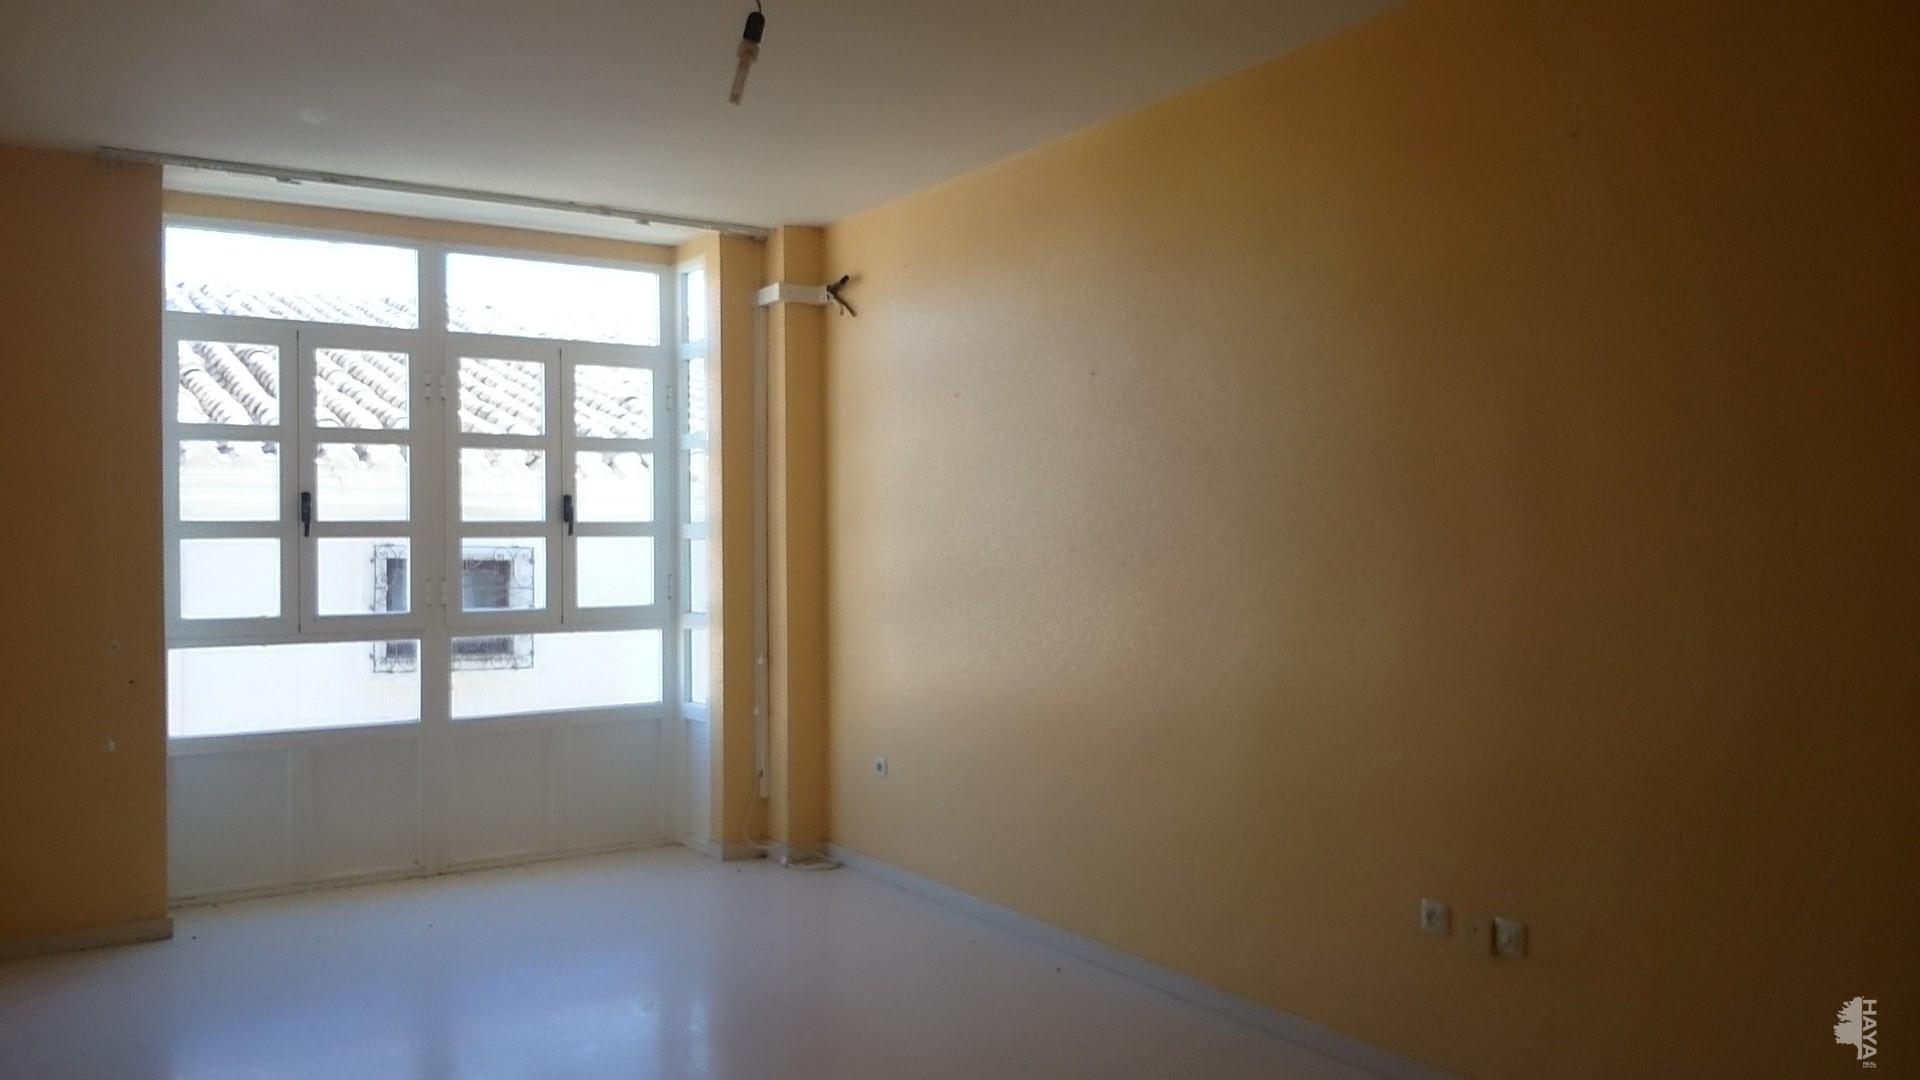 Piso en venta en Piso en Huércal-overa, Almería, 57.600 €, 3 habitaciones, 2 baños, 89 m2